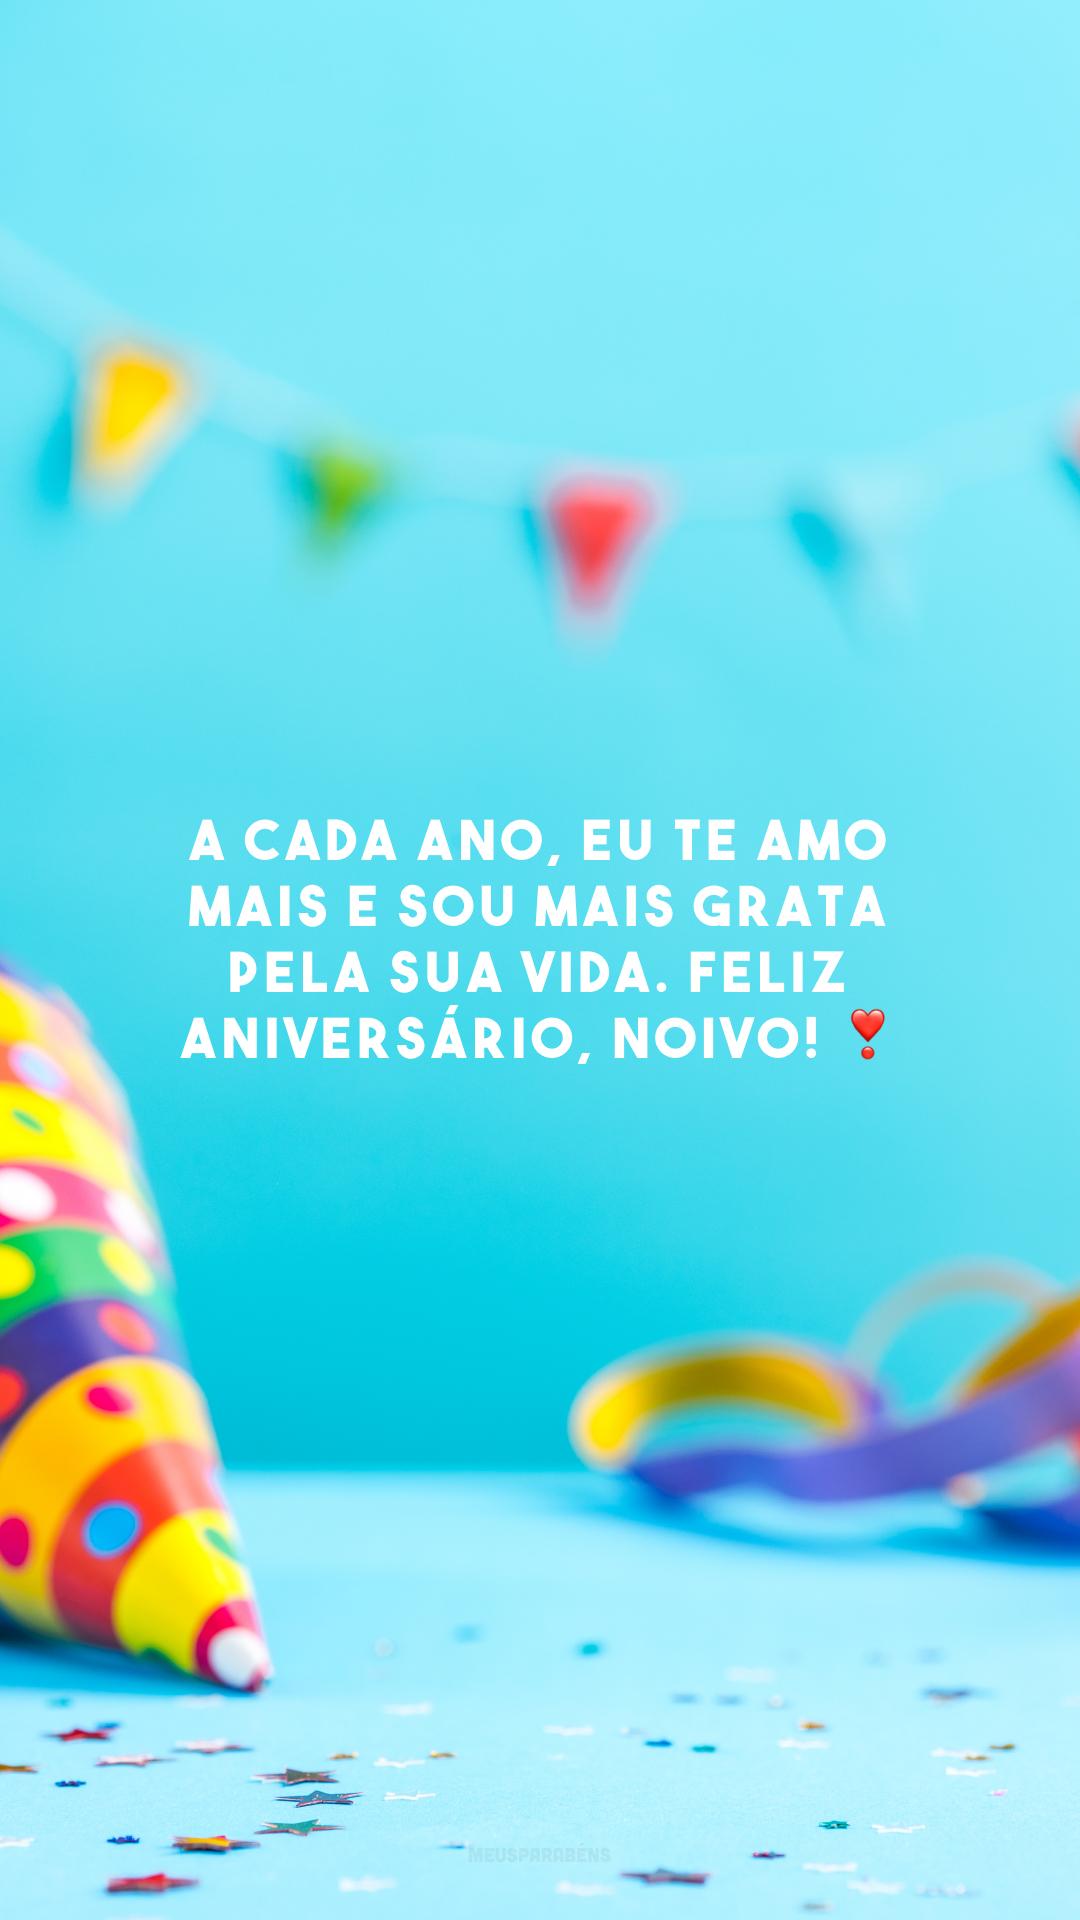 A cada ano, eu te amo mais e sou mais grata pela sua vida. Feliz aniversário, noivo! ❣️